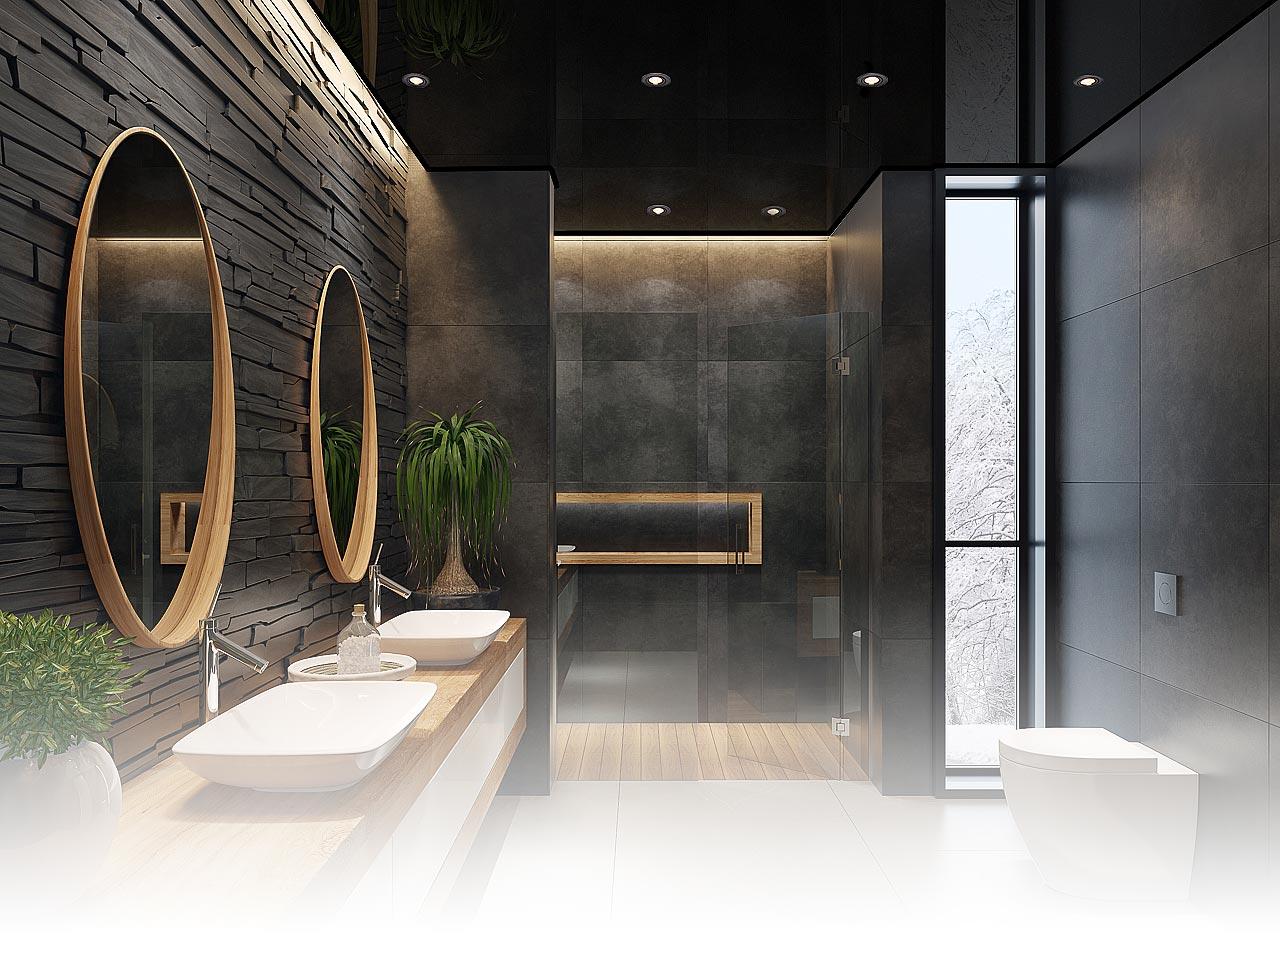 Badezimmerdecke Spanndecke in Schwarz